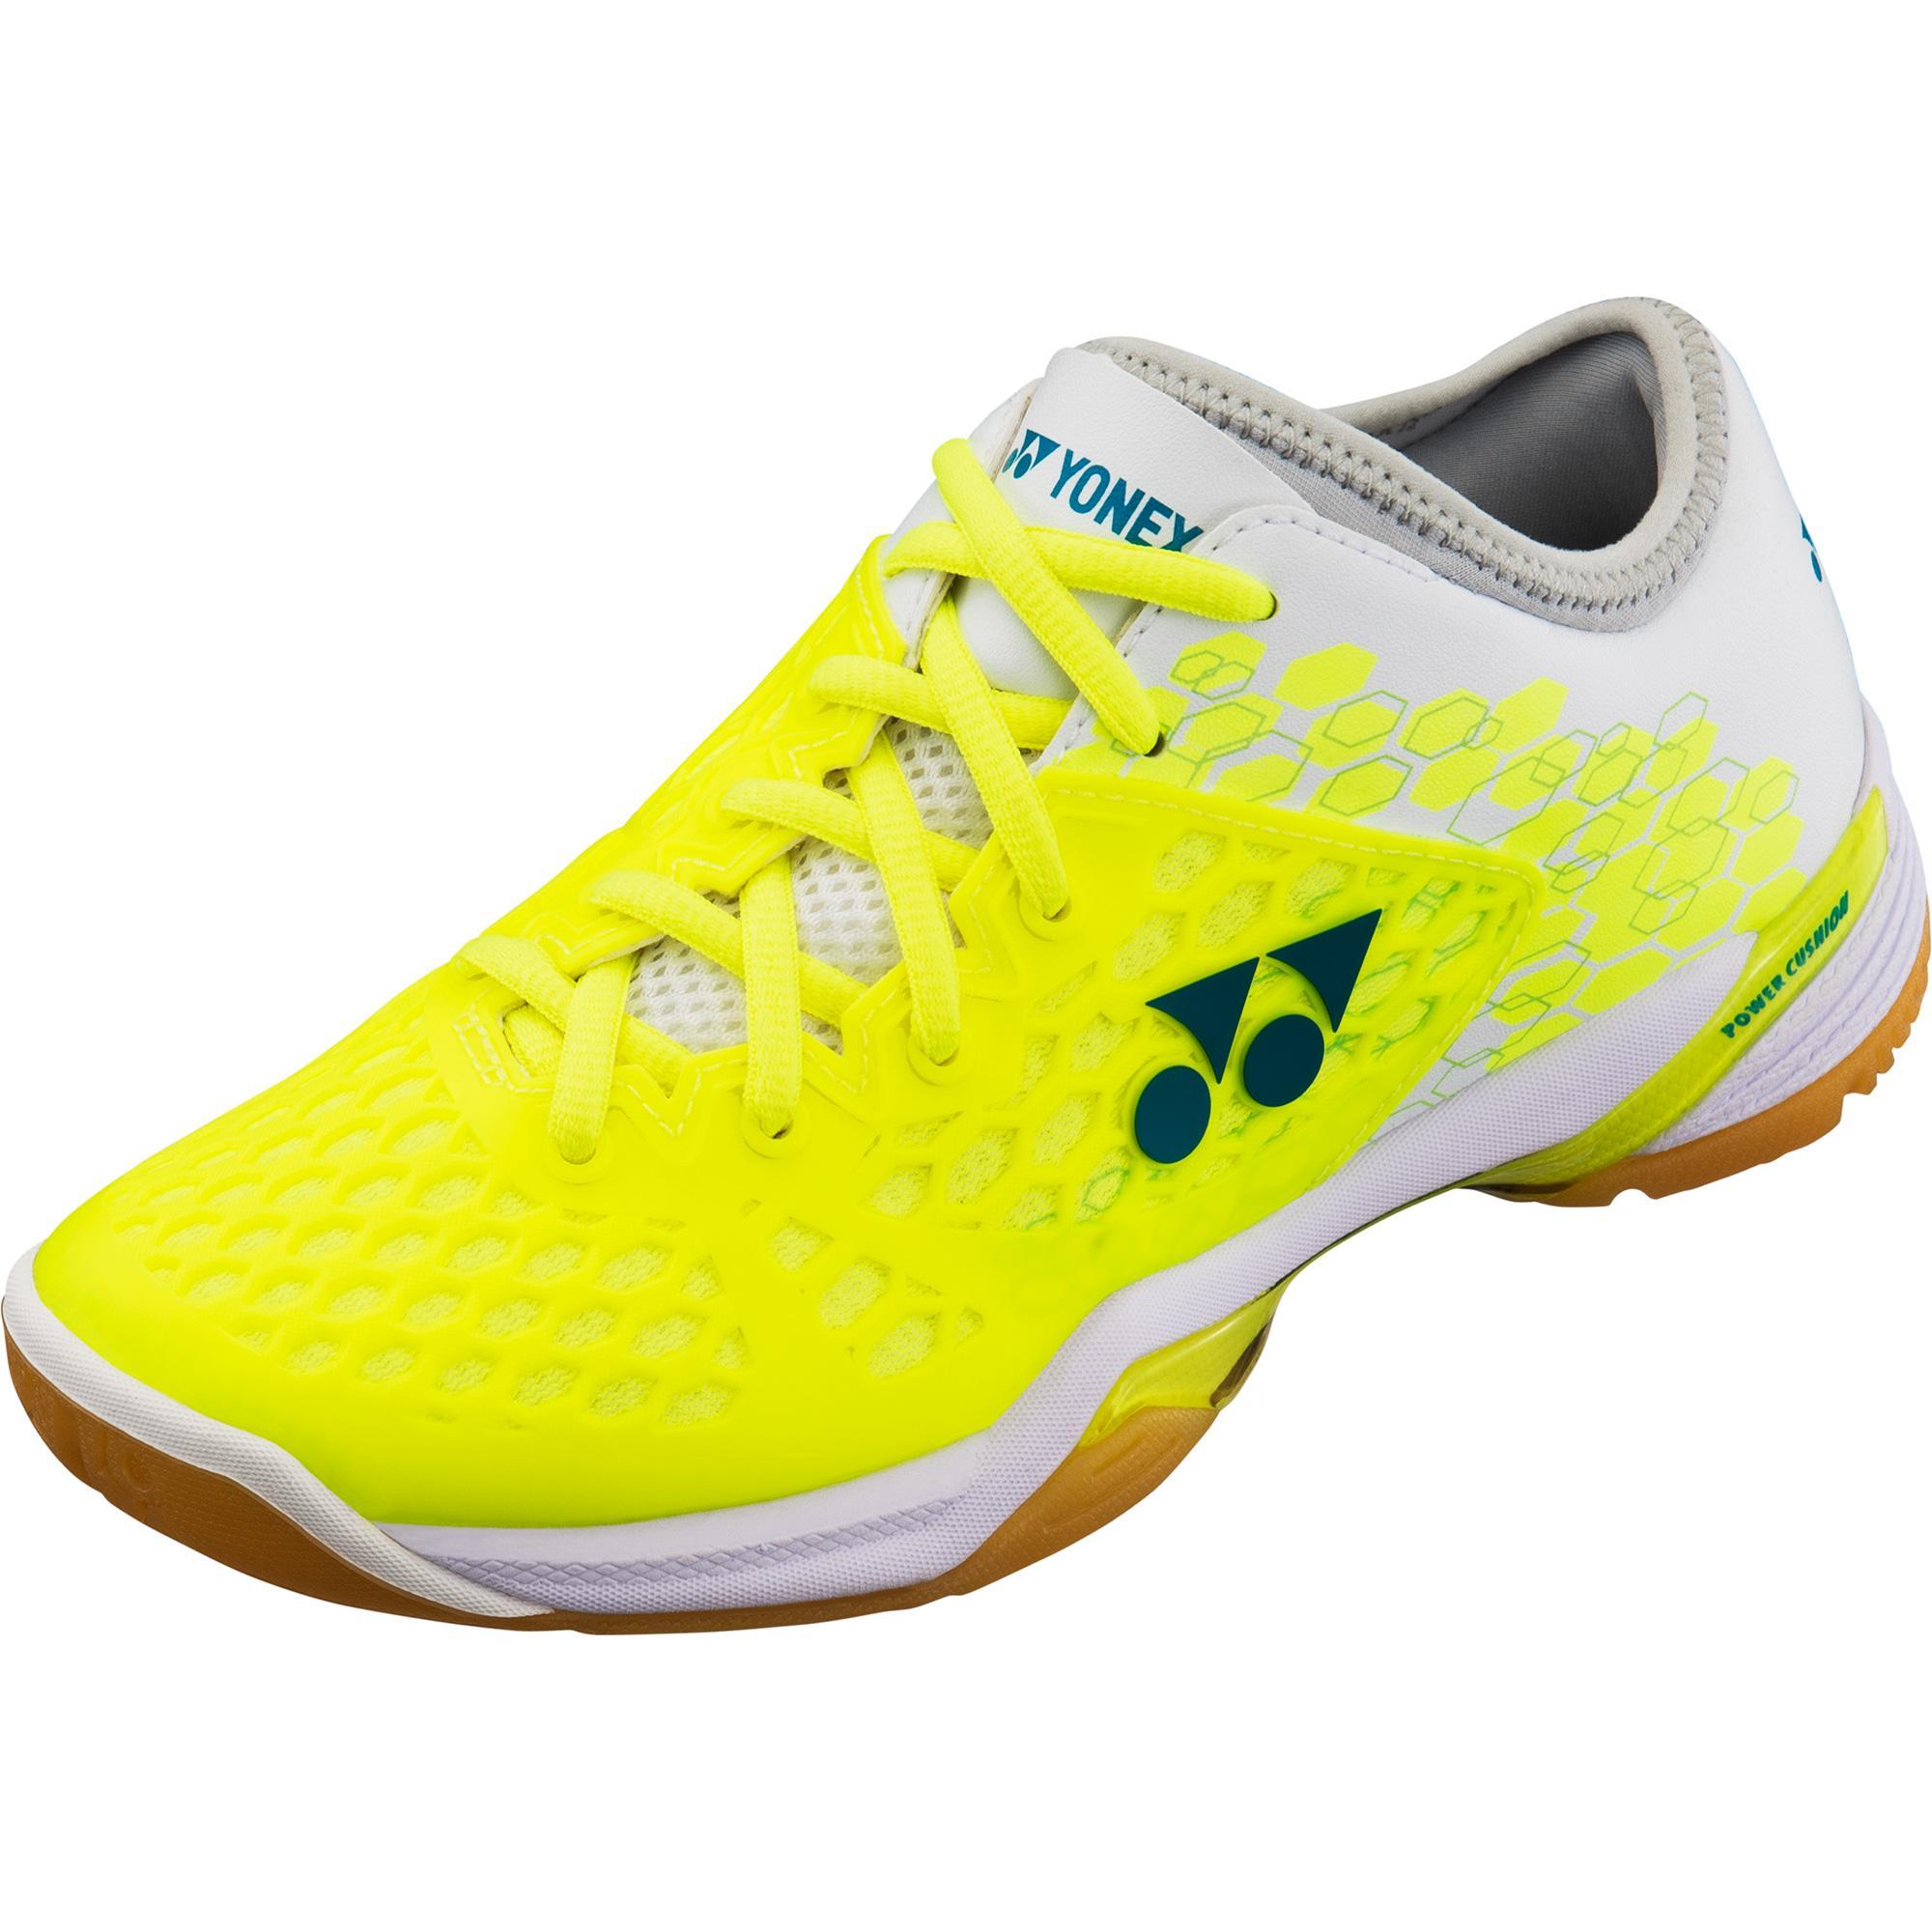 ae53effef9024 Yonex Womens Power Cushion SHB 03 Z Badminton Shoes - Yellow